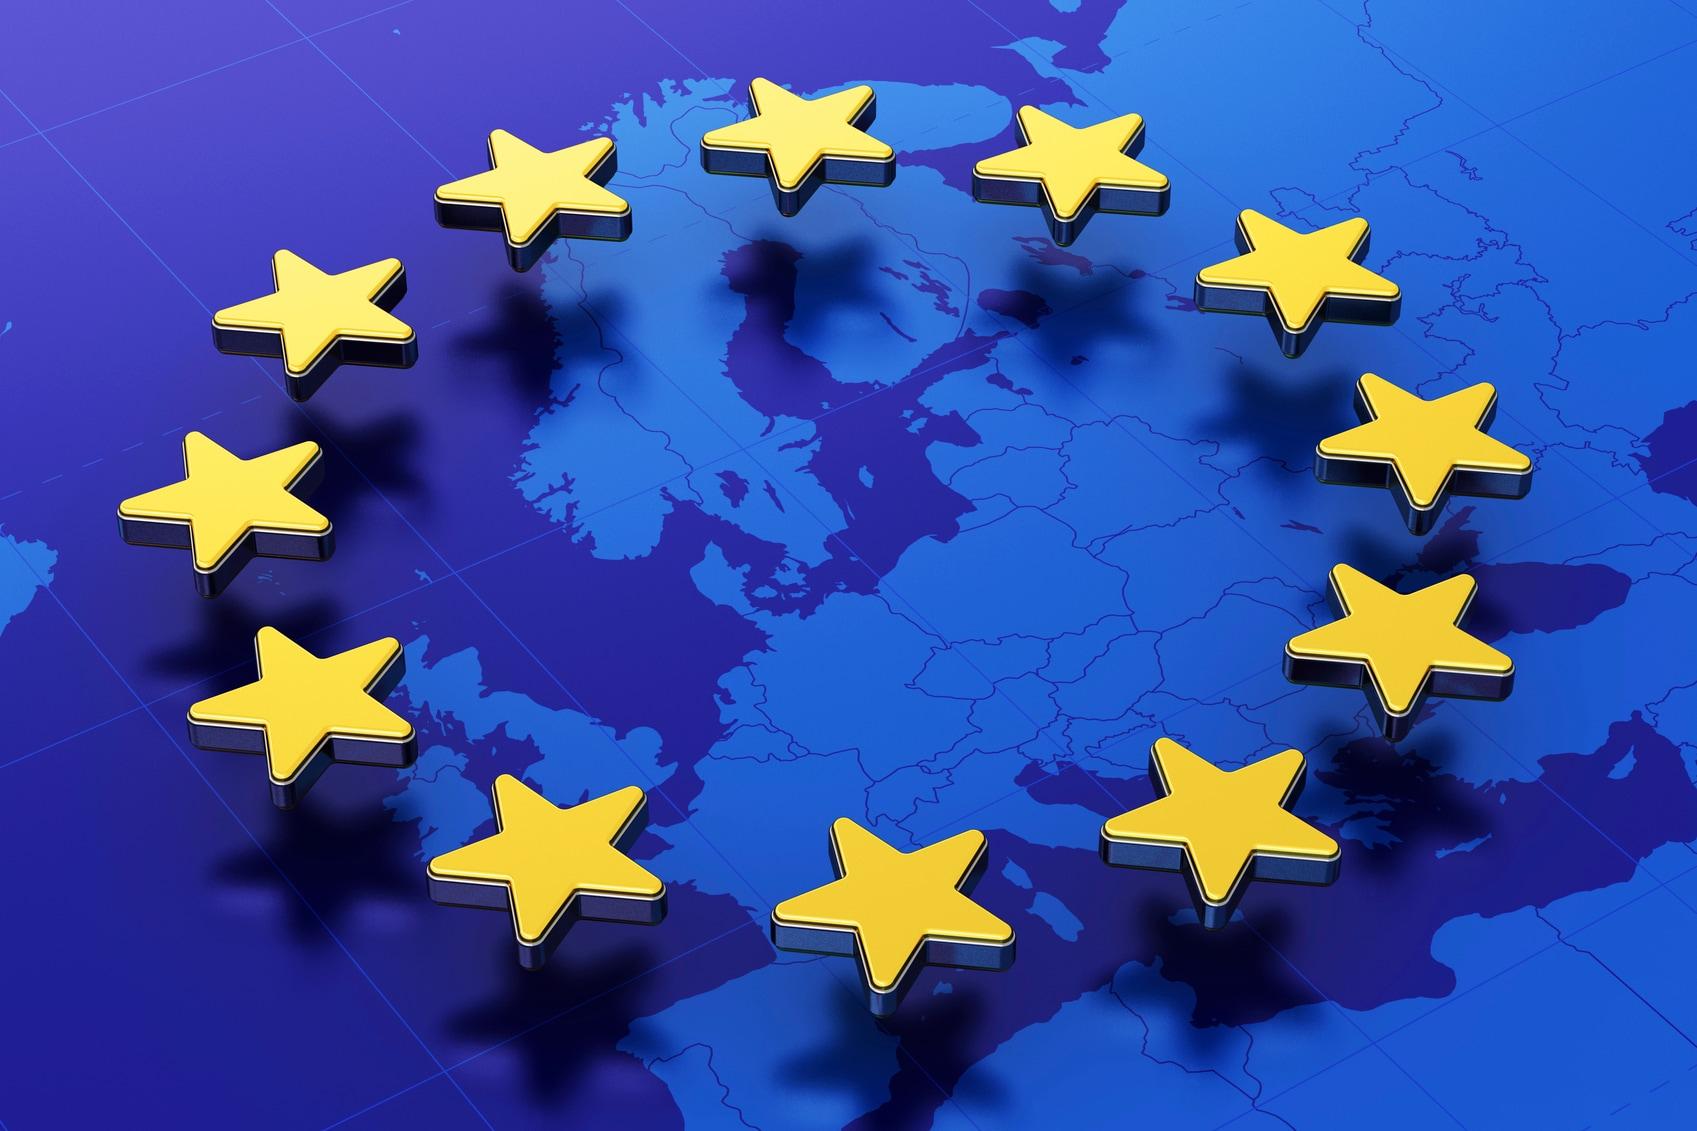 Europa Dating comunità del sito atteggiamenti verso incontri online